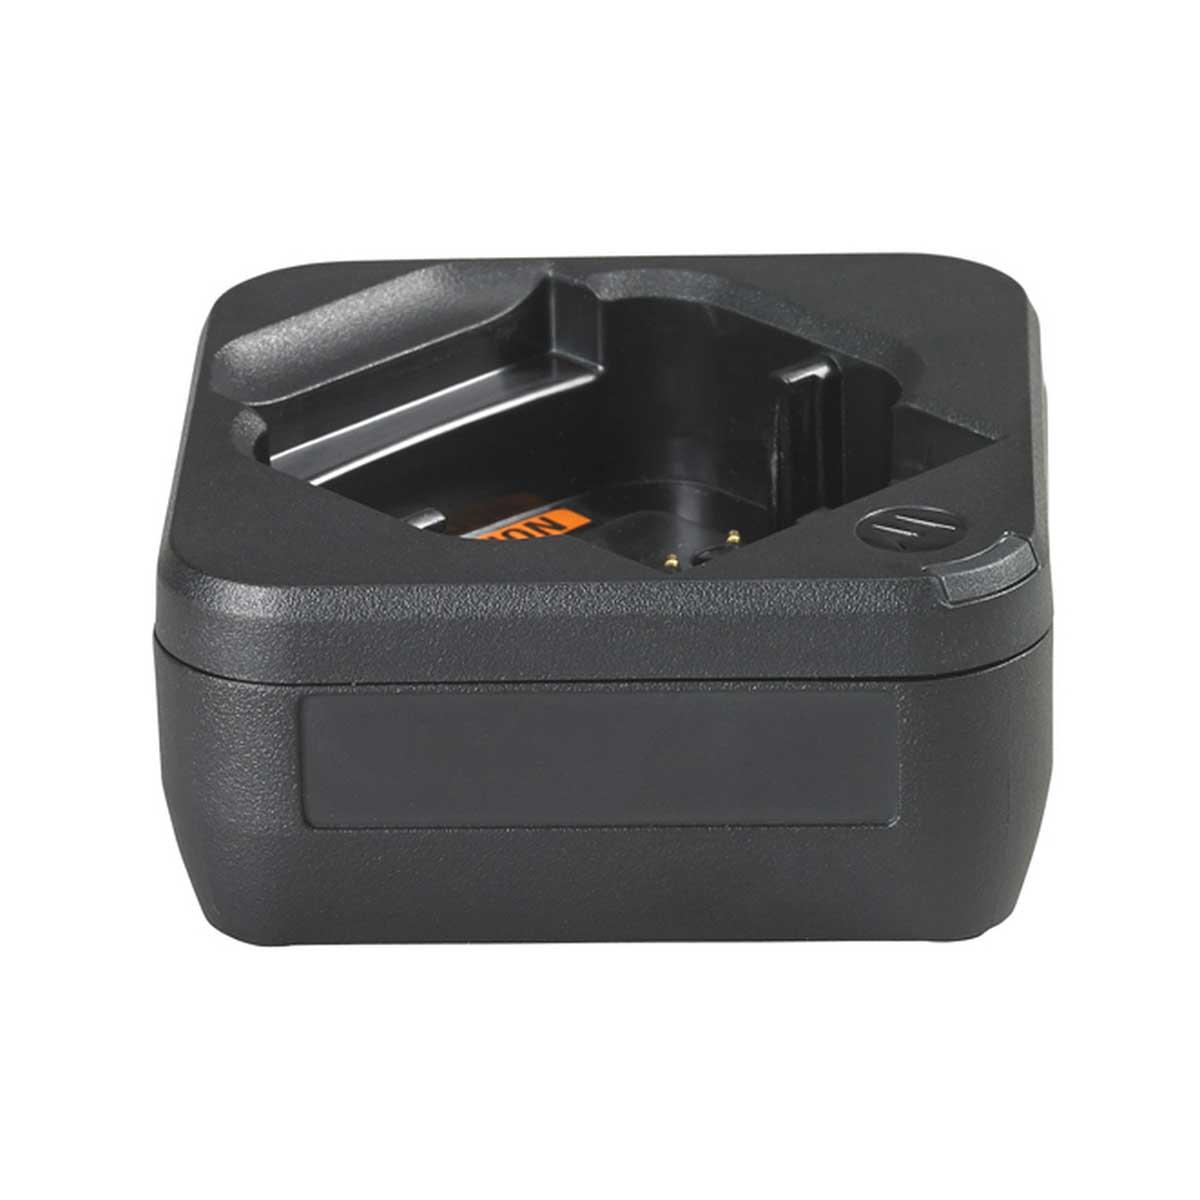 Cargador individual Motorola PMLN7140 para radio DLR EMPRESARIAL